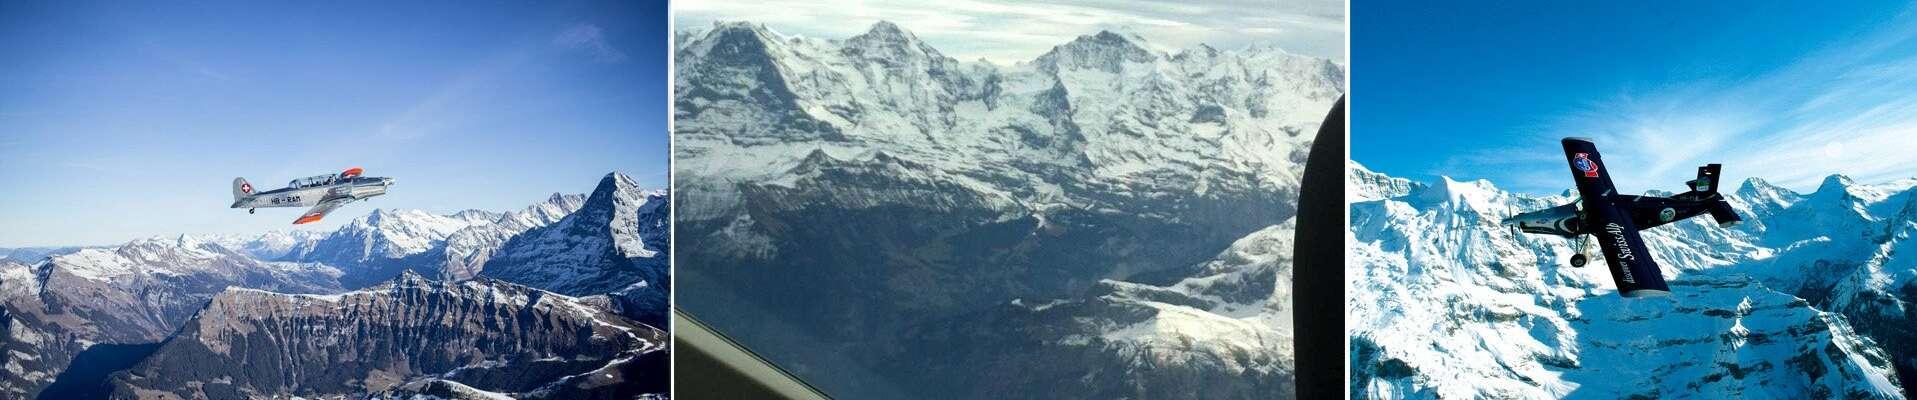 תמונות מחלון המטוס הקל